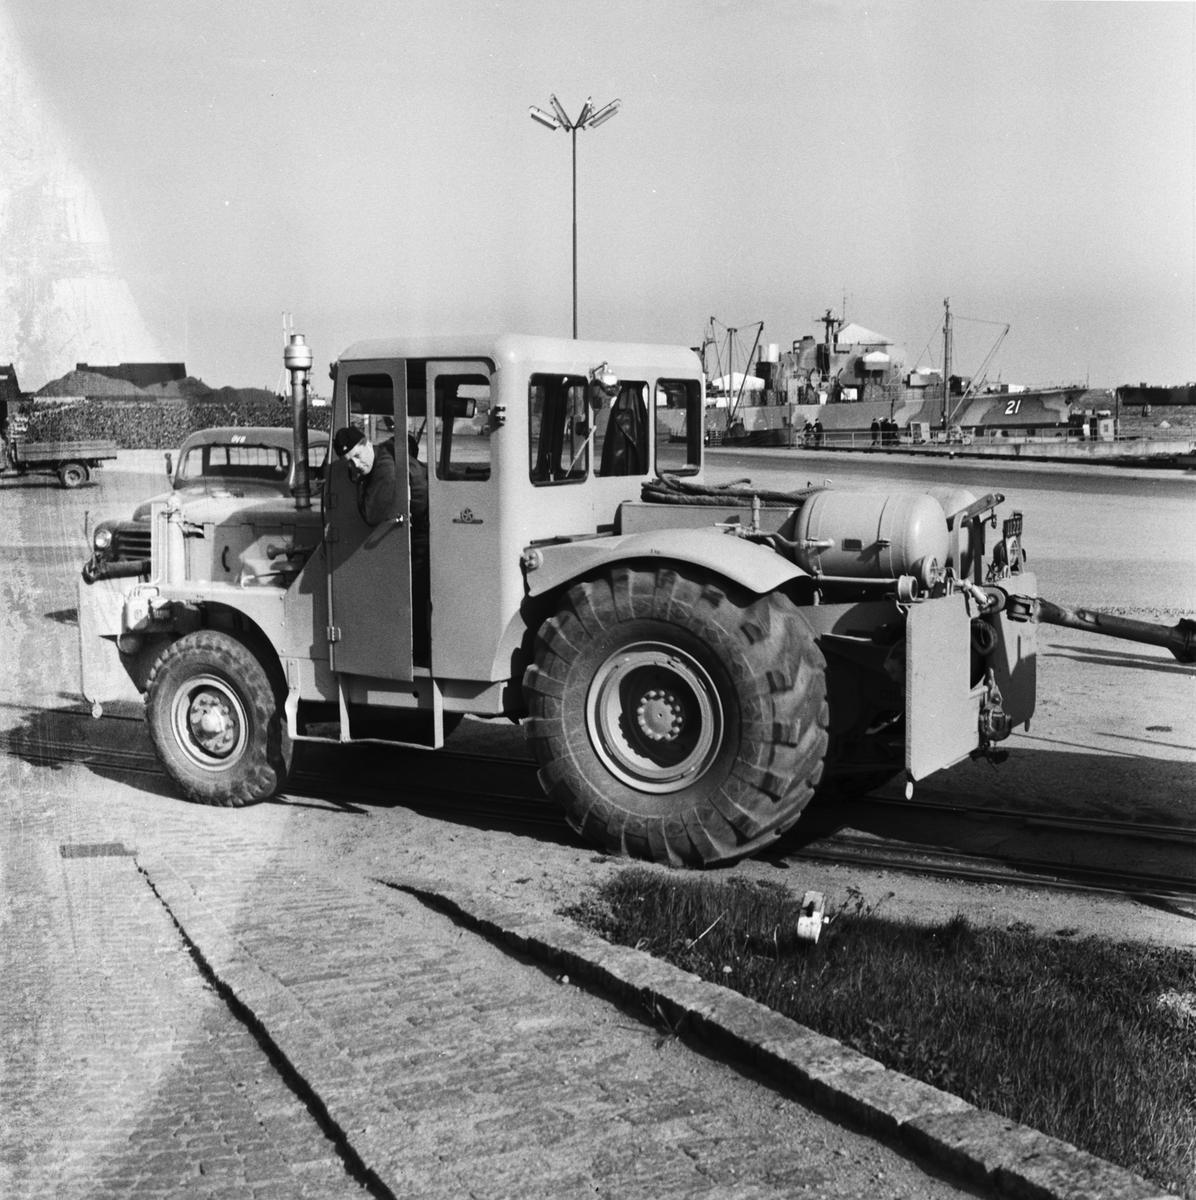 Övrigt: Foto datum: 16/5 1961 Byggnader och kranar Järnvägstraktor